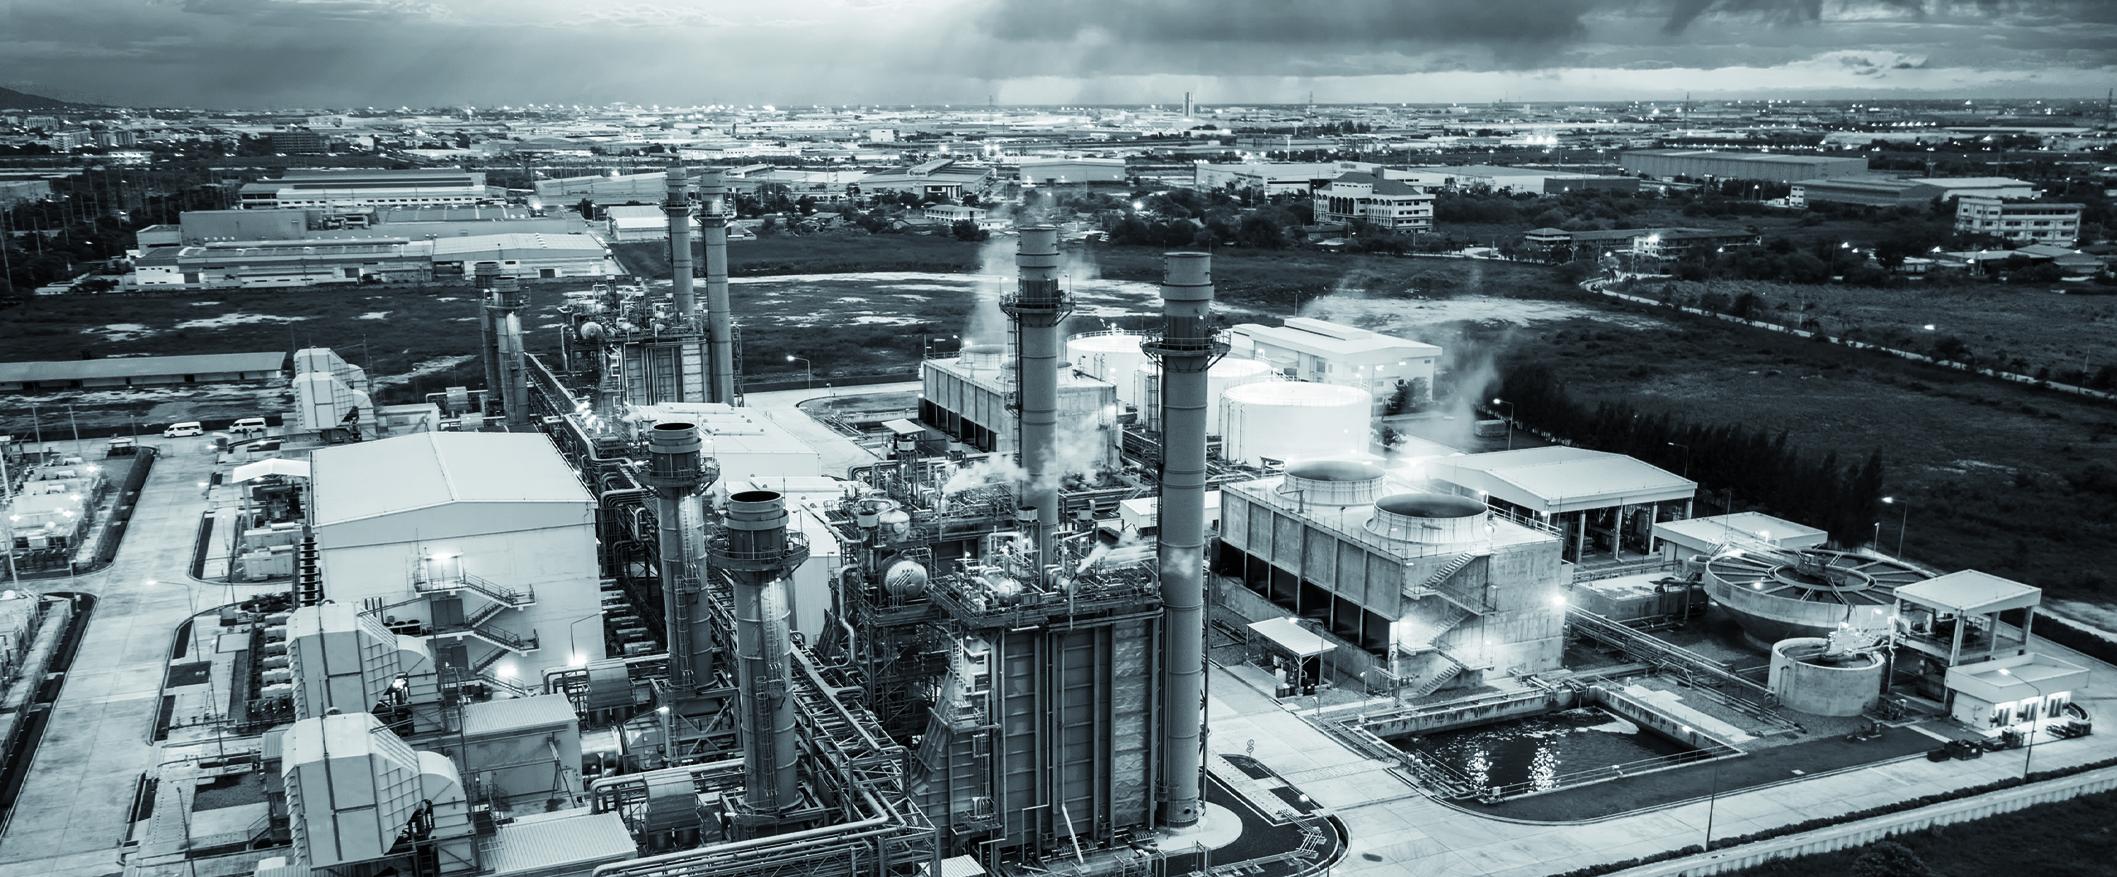 Juszczyk jako prezes firmy produkującej energię elektryczną opracował strategię rozwoju pierwszej rozproszonej i wirtualnej elektrowni w Polsce oraz wybudował i uruchomił 7 elektrowni na biogaz rolniczy. (fot. materiały ICsec)